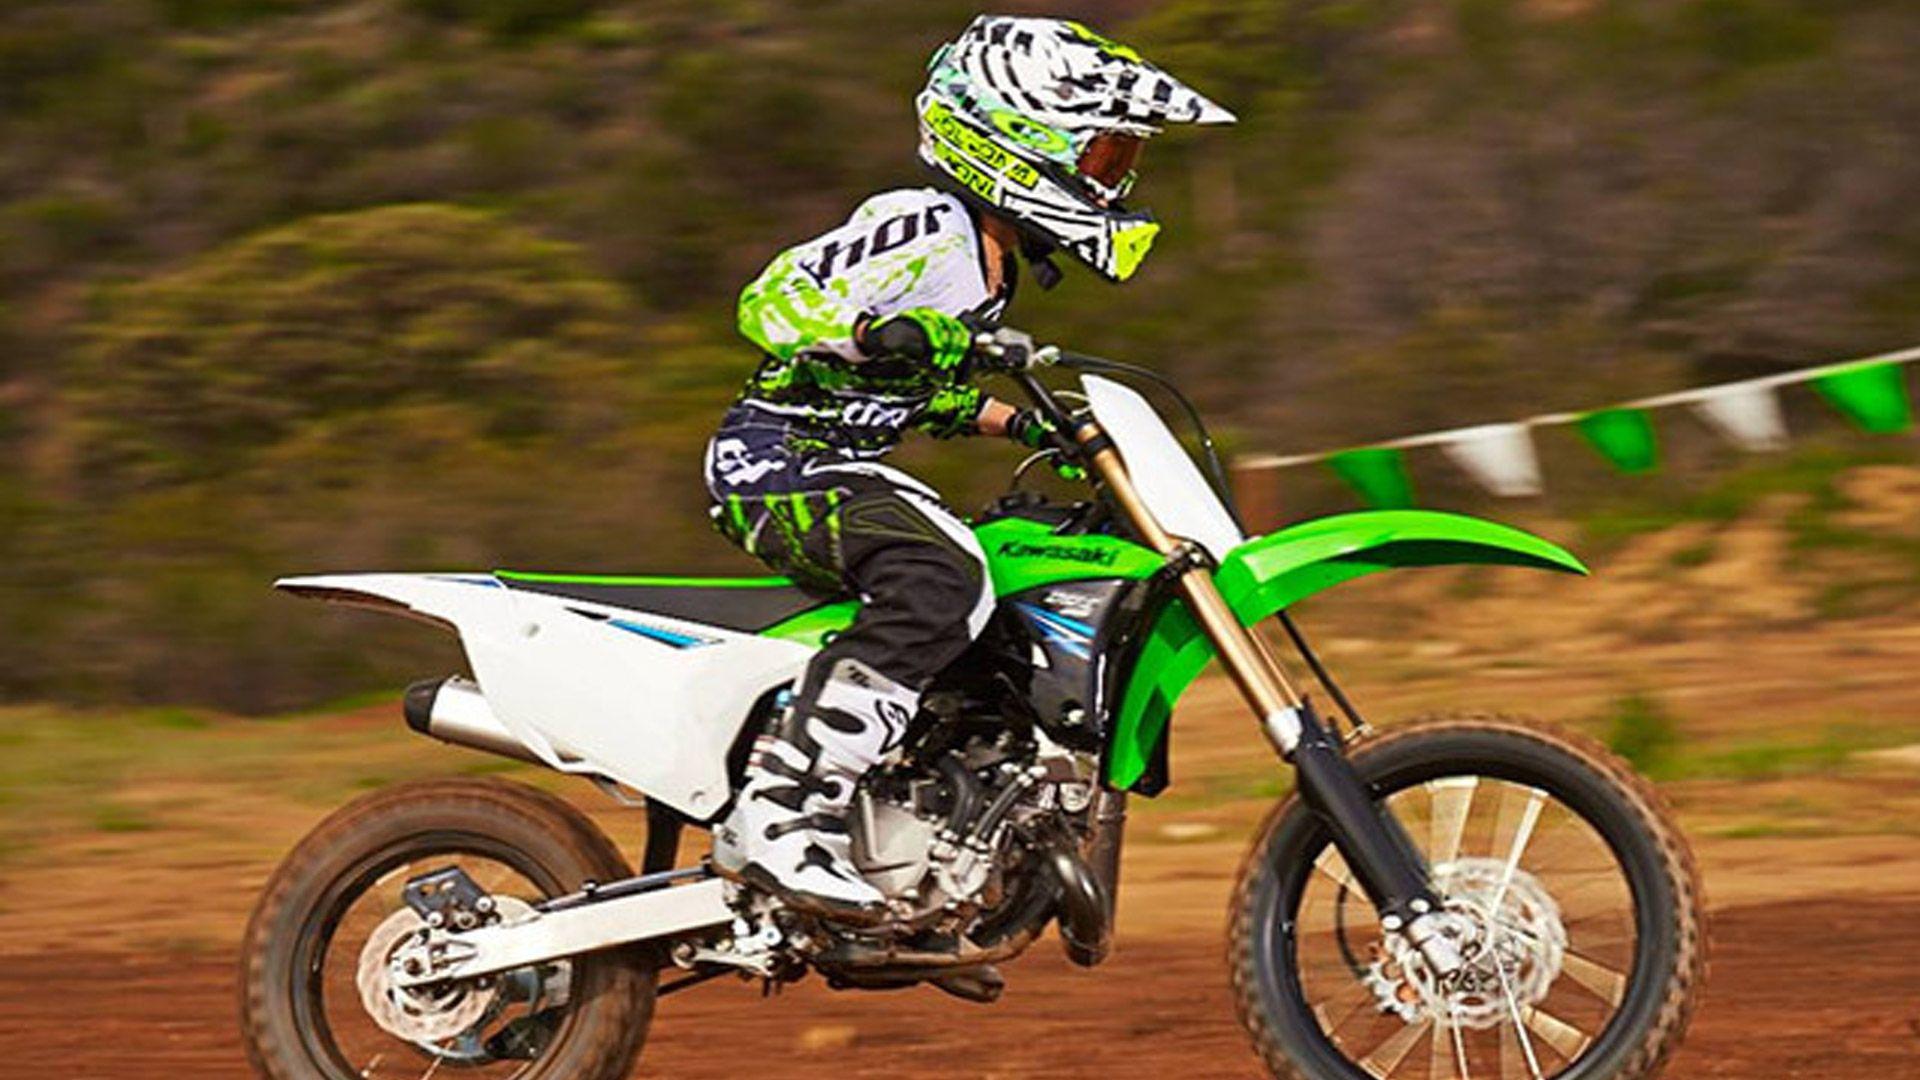 kawasaki kx 85 for sale 2014 Kawasaki KX 85 cc Powerful | Motocross